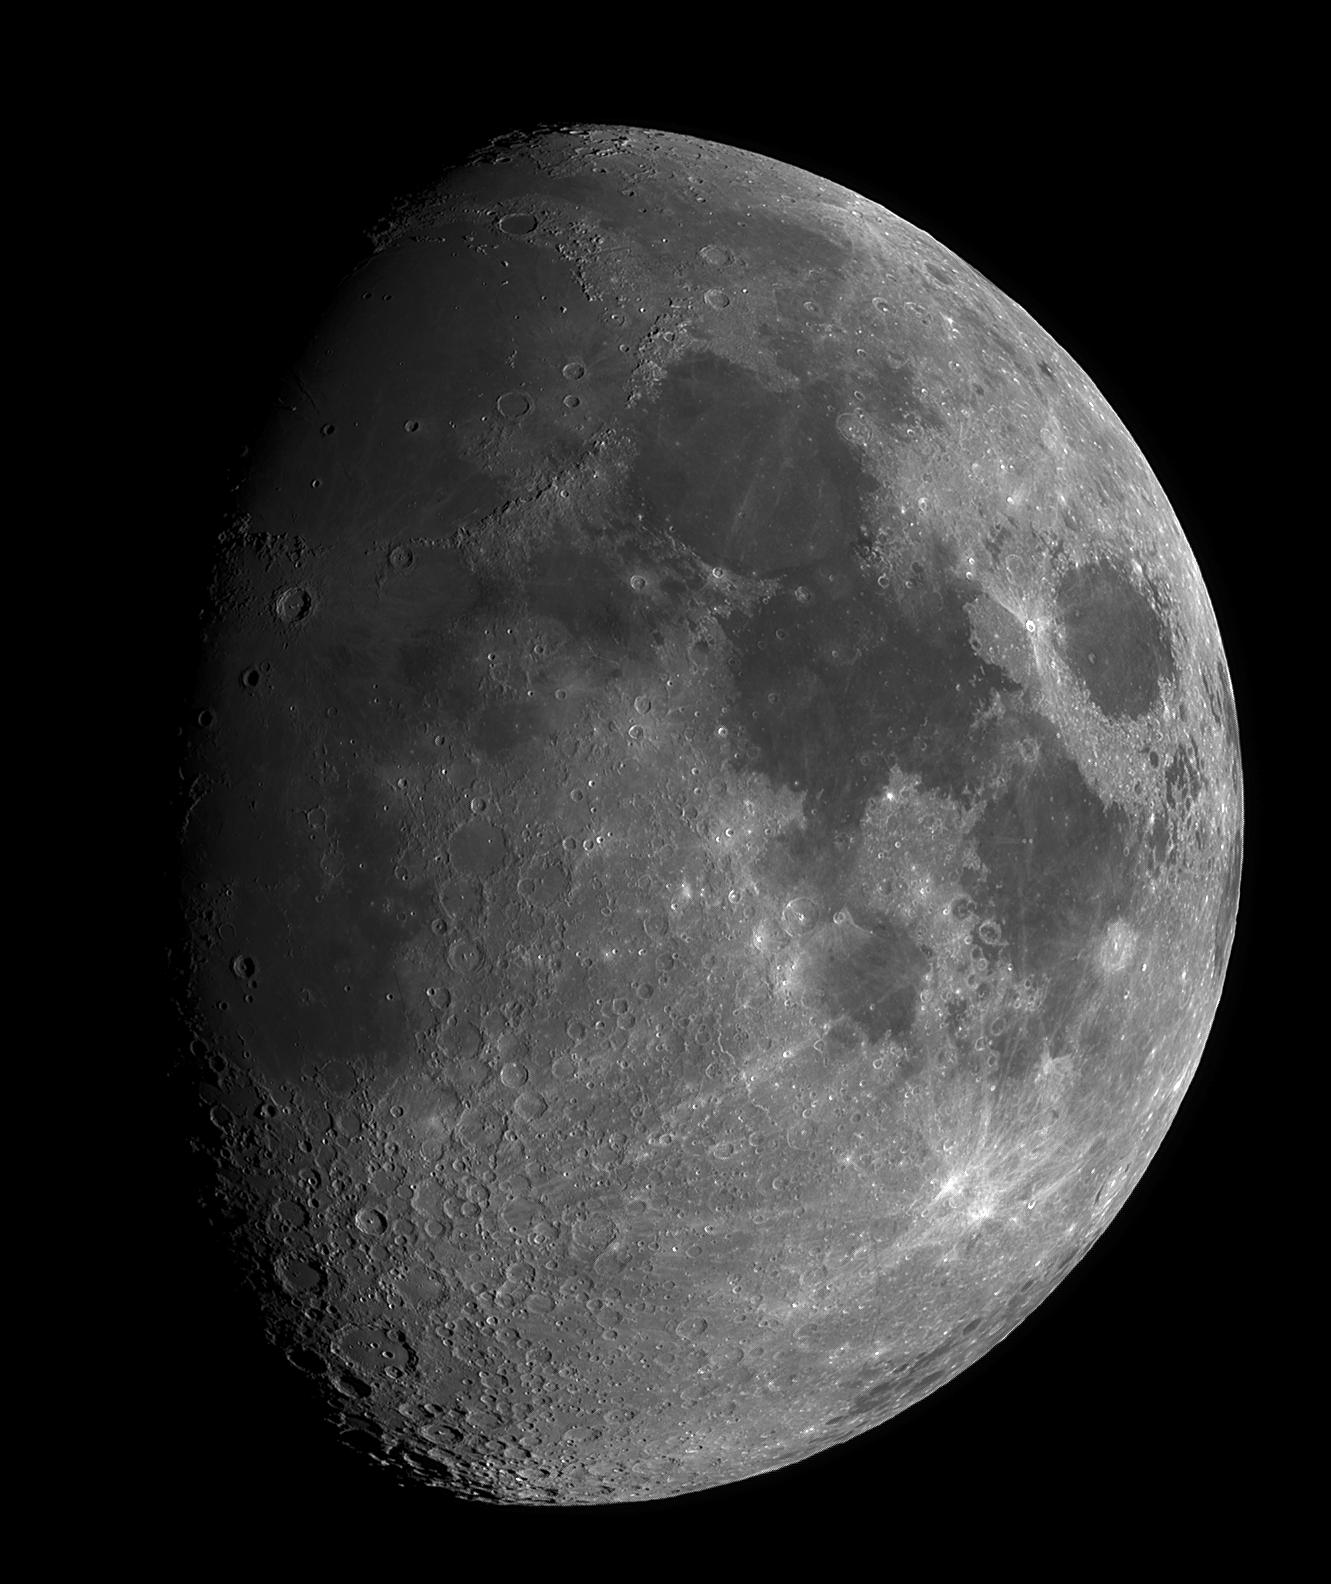 Lune gibbeuse croissante le 04/07/2017 à 0h03 (Eragny-sur-Oise)